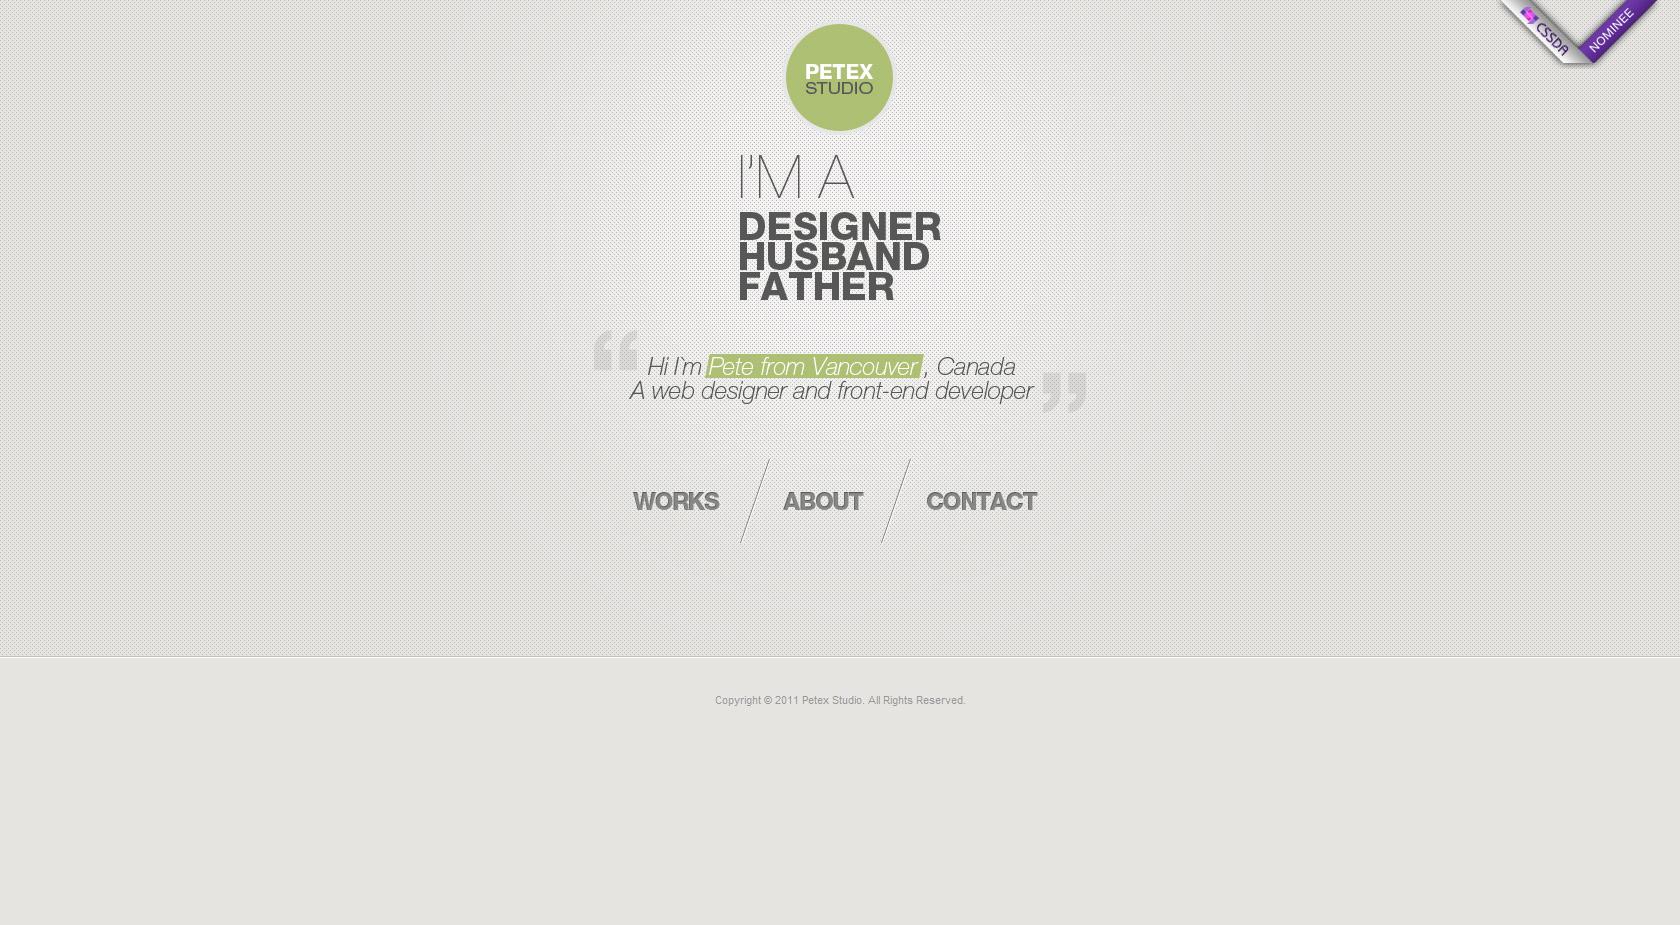 Petex Studio Website Screenshot